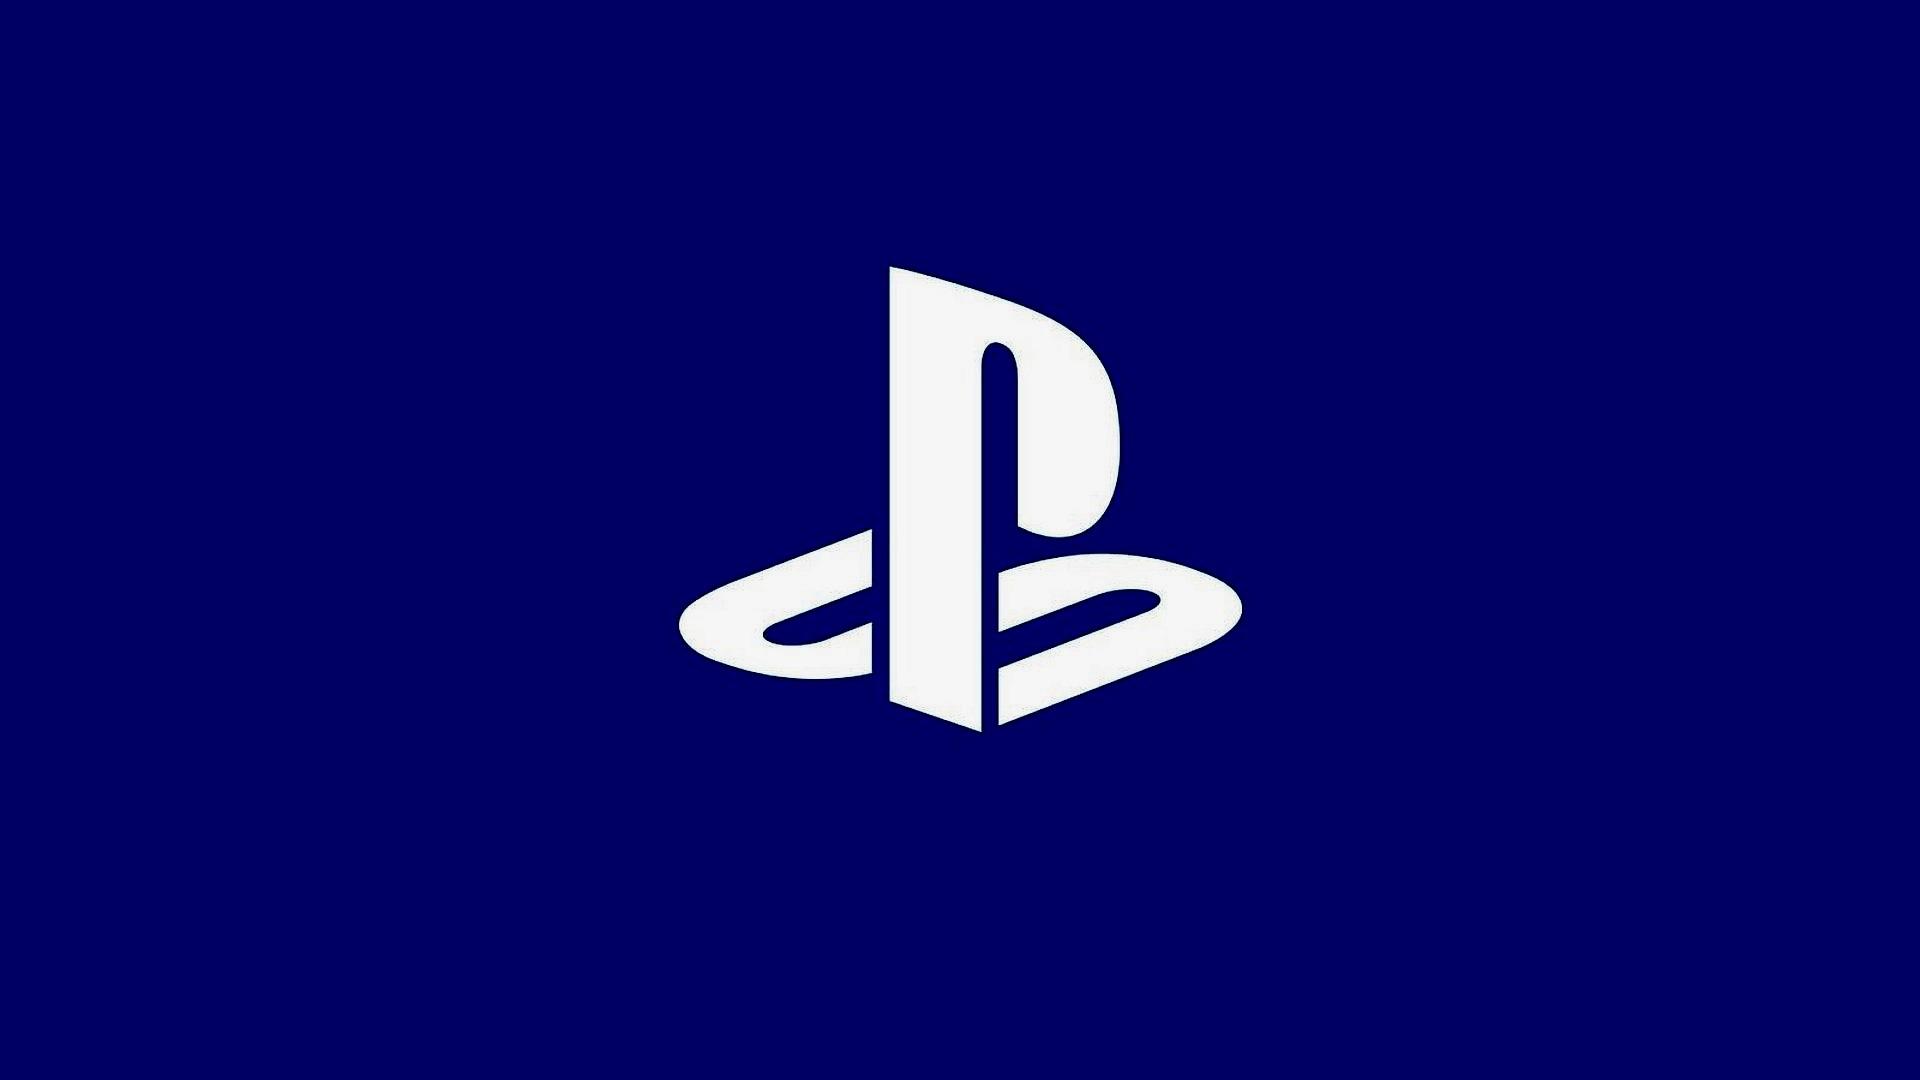 رویداد E3 2019 سونی Gamescom Tokyo Game Show